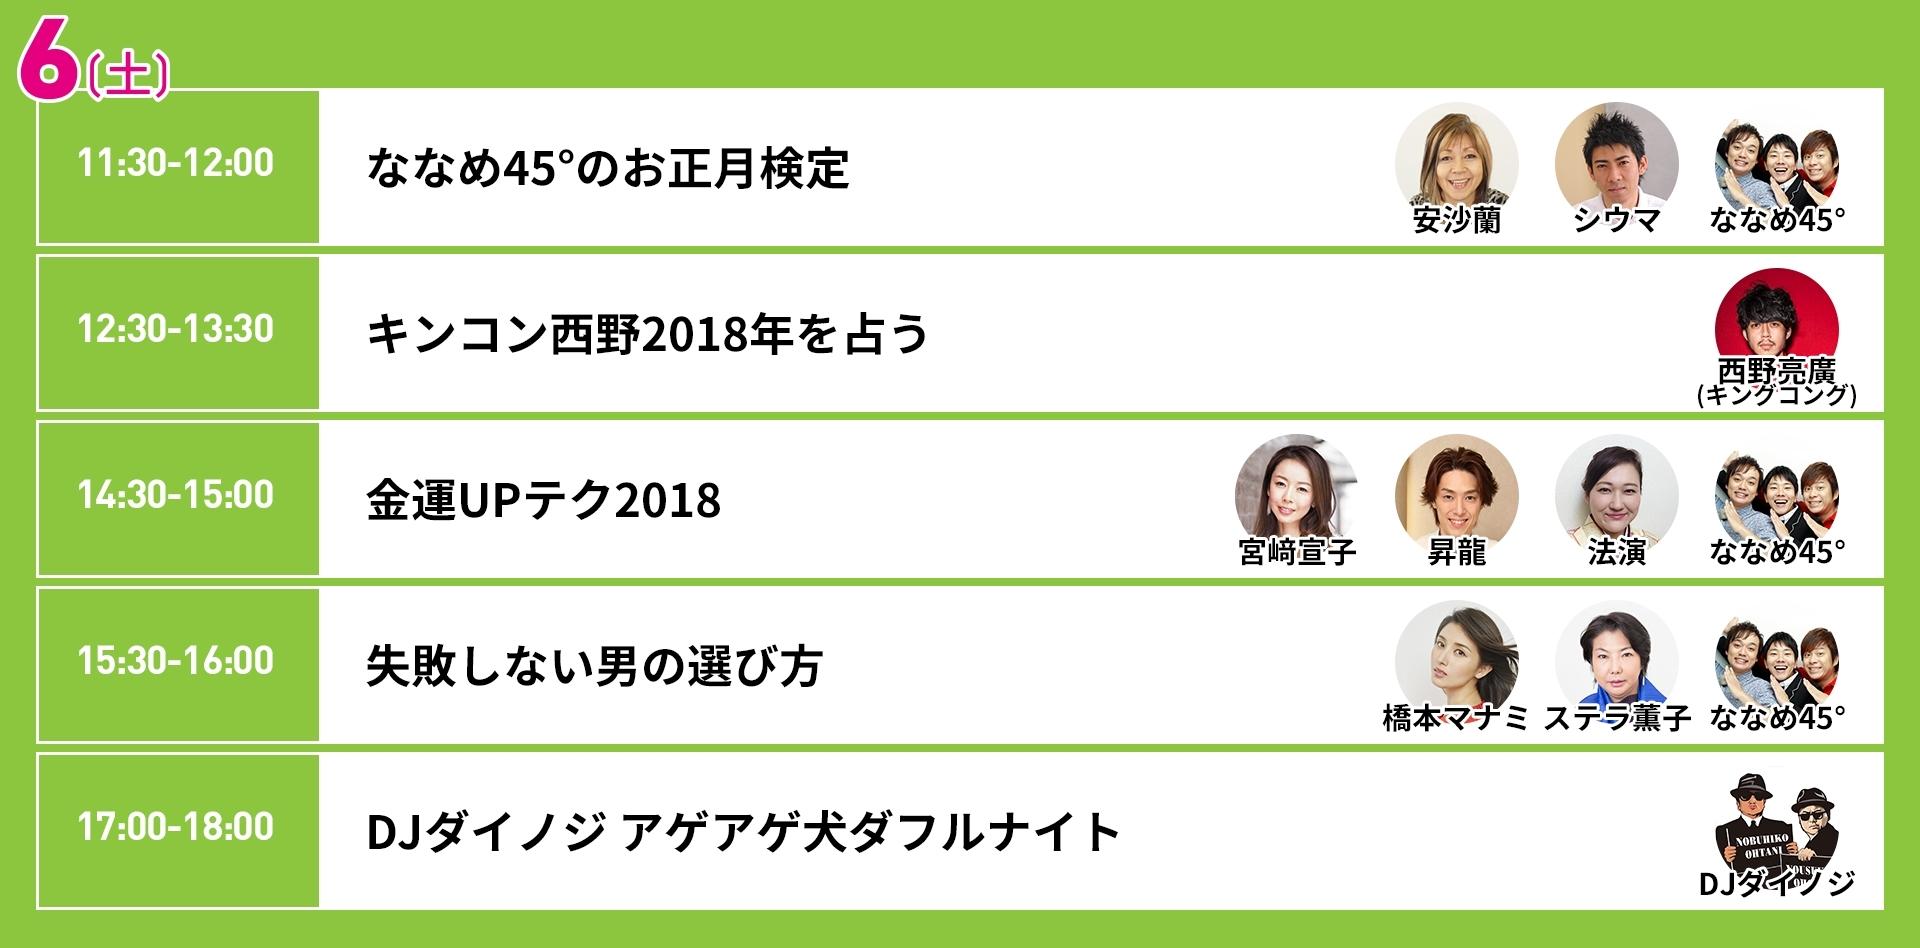 占いフェス2018 NEW YEAR